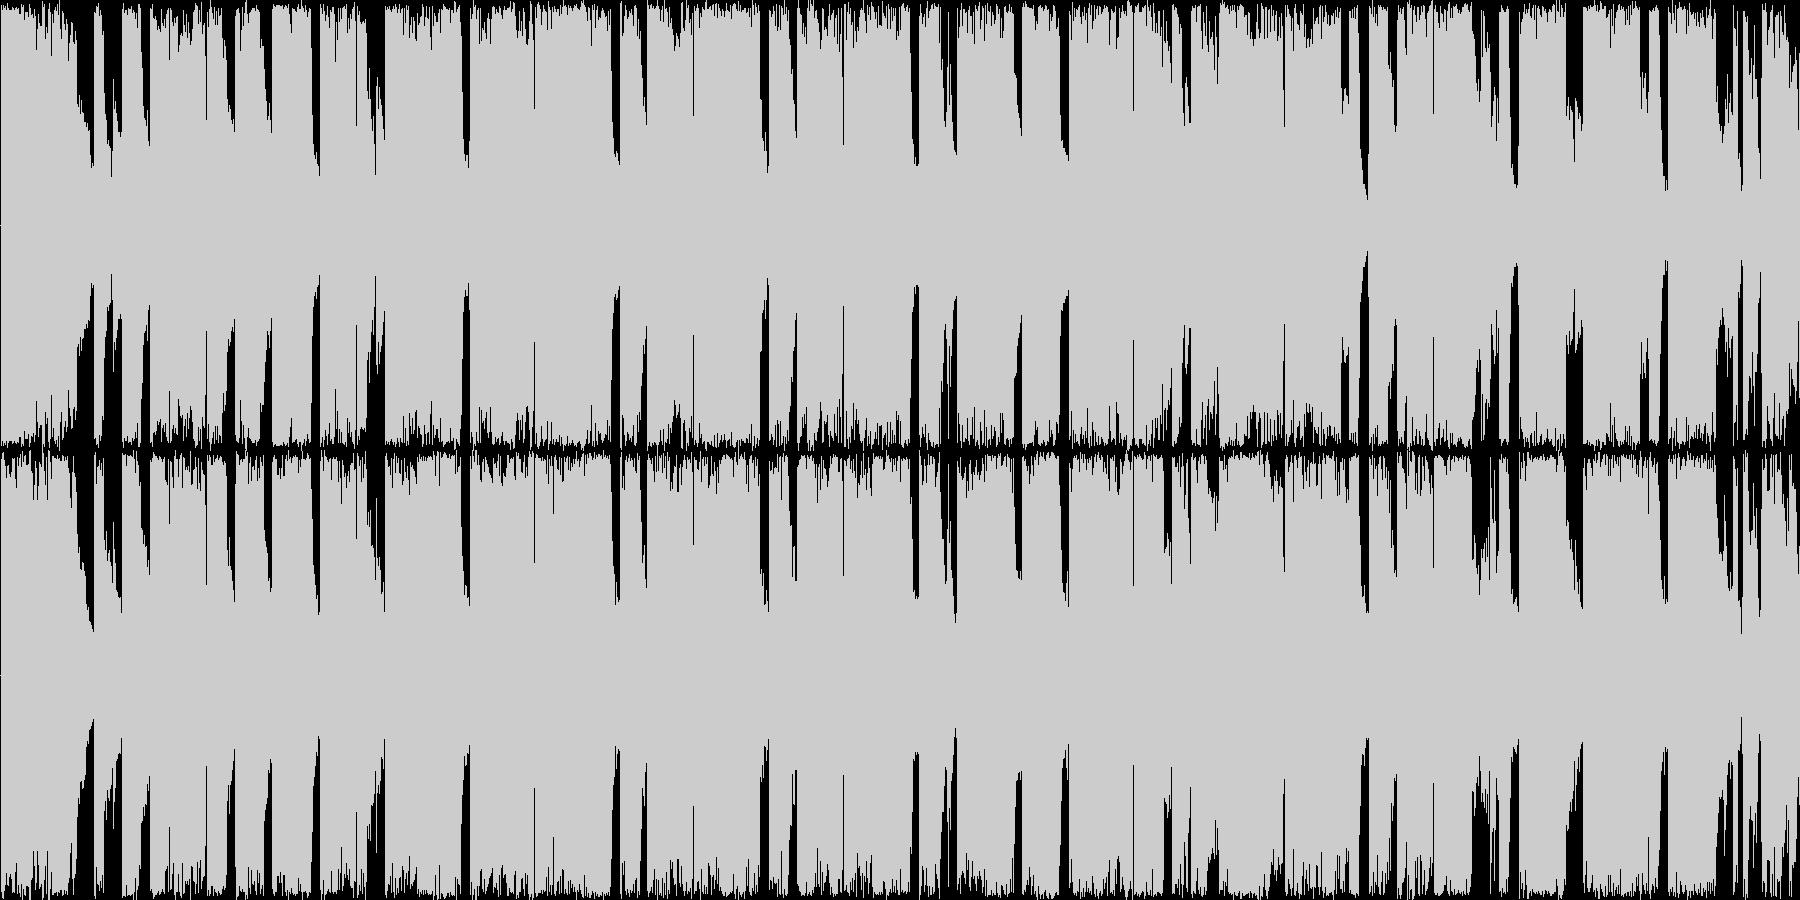 【ダークな雰囲気、ロックエレキギター】の未再生の波形